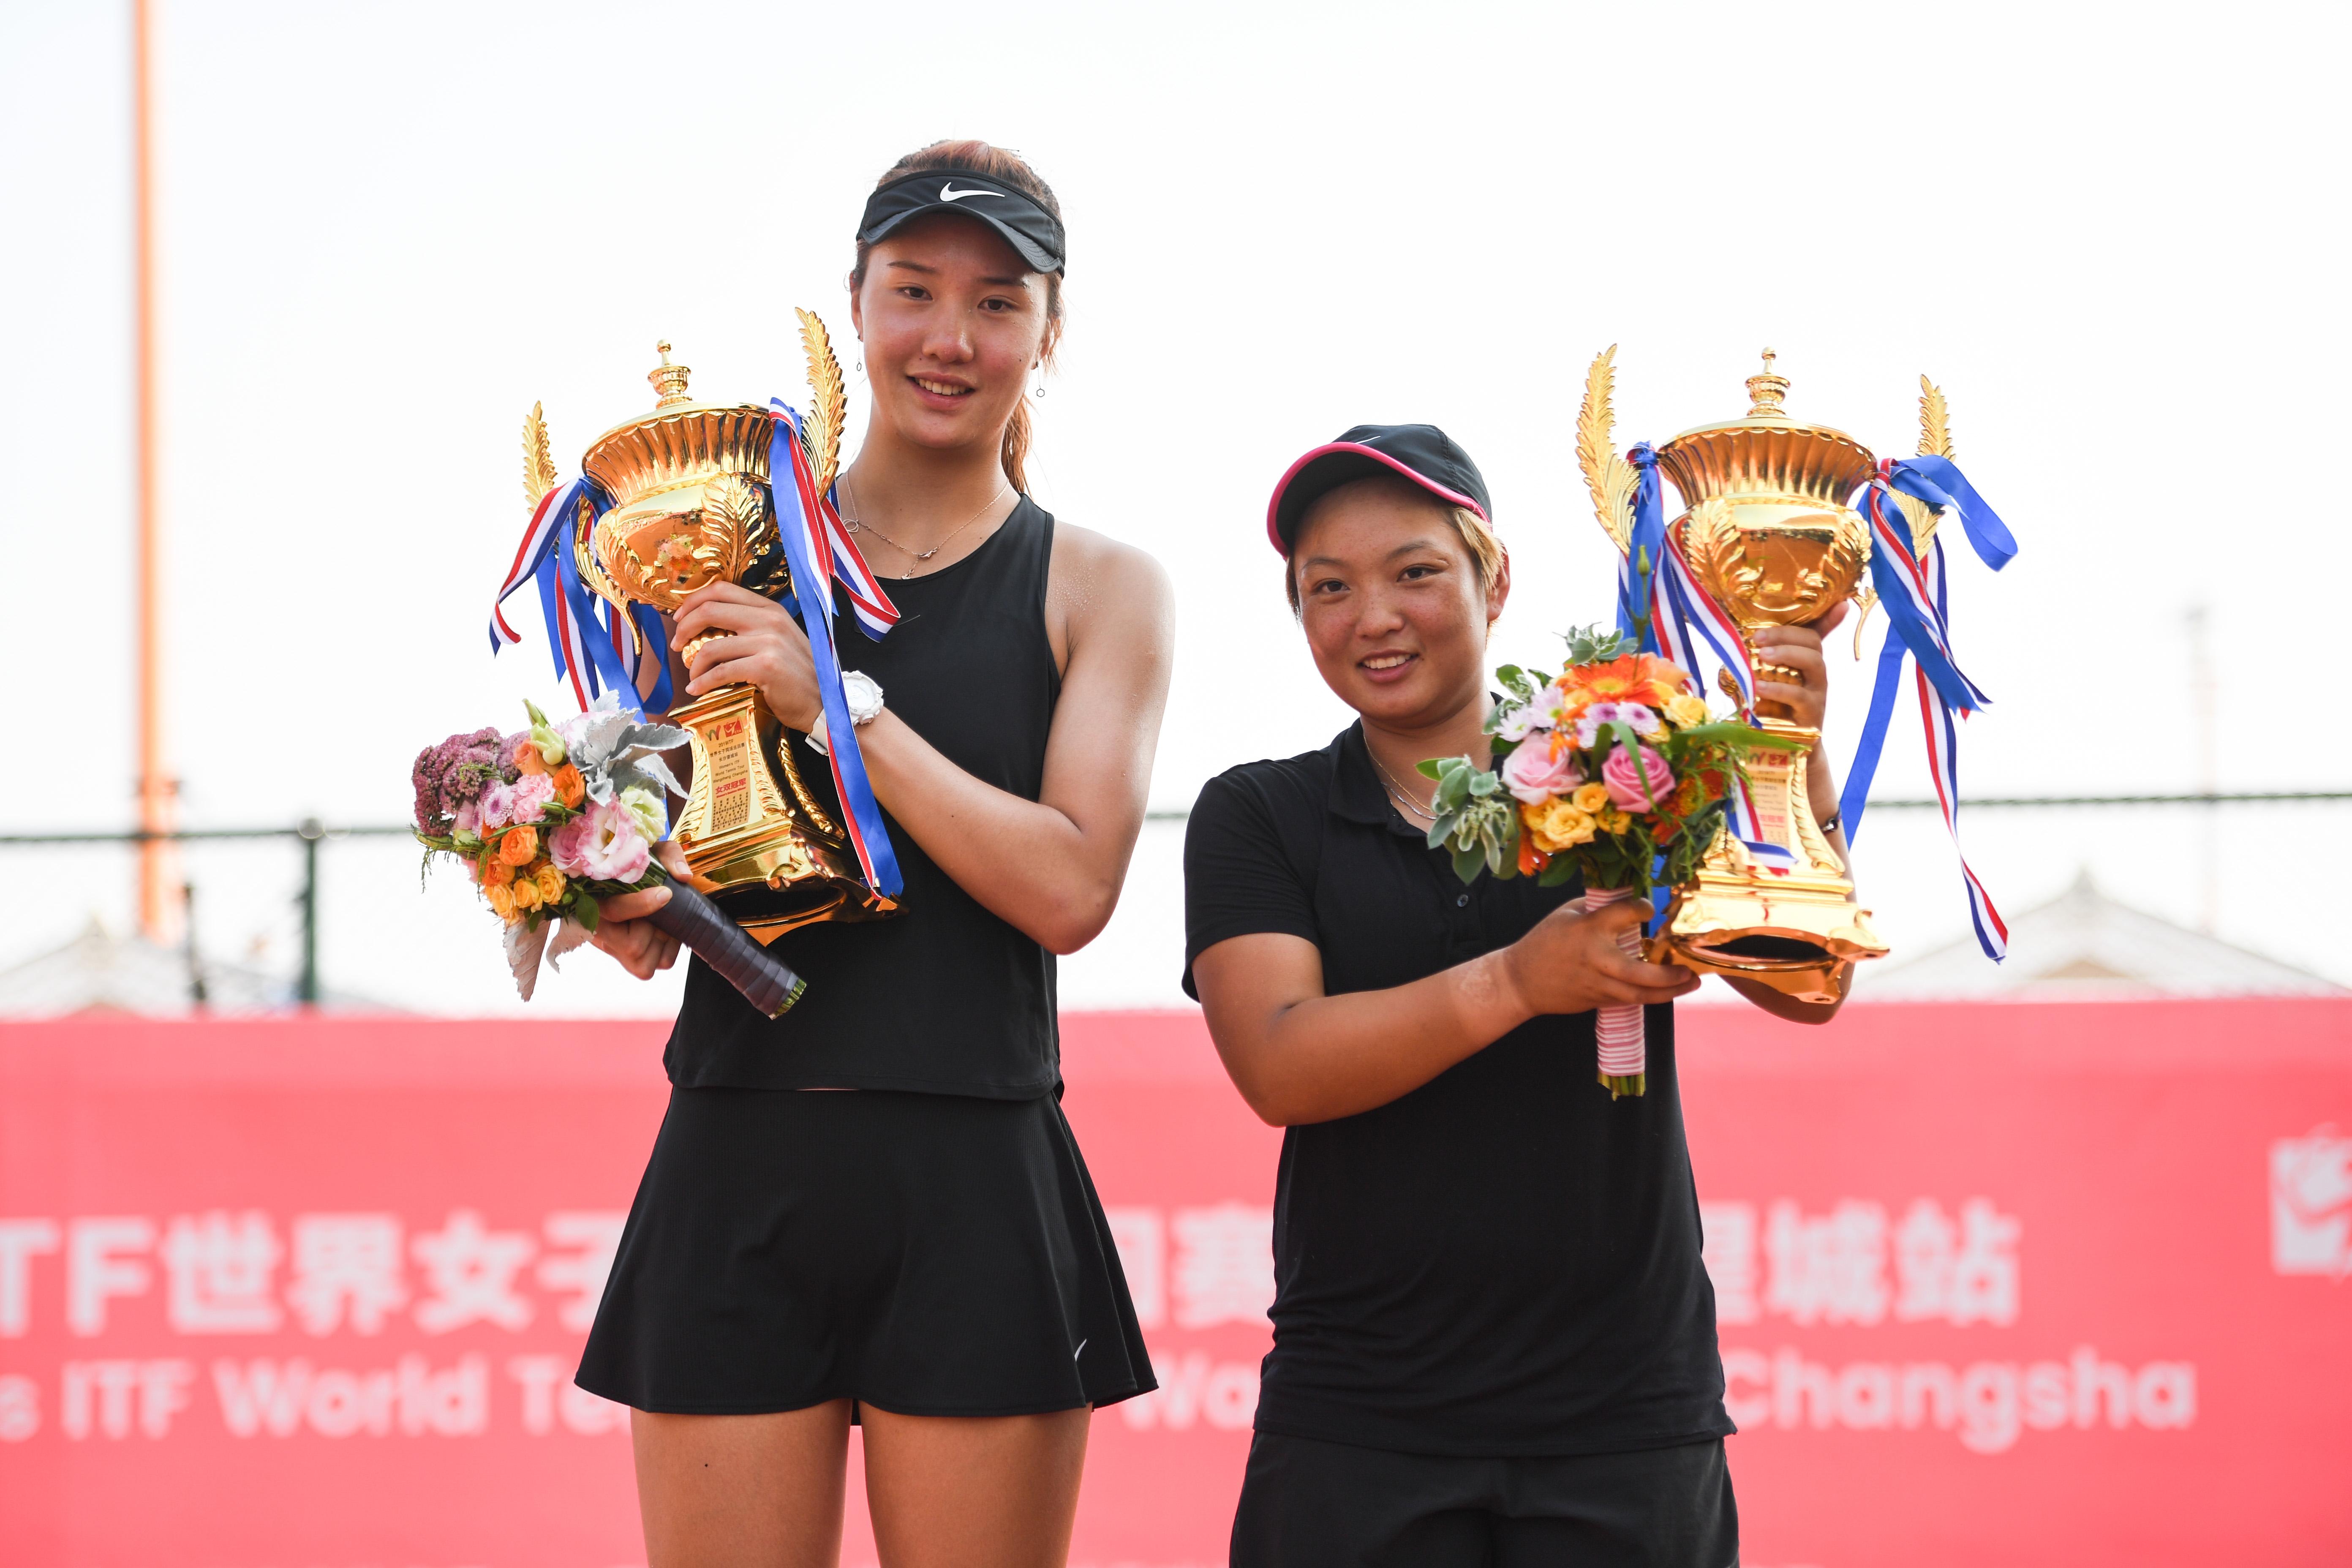 网球——2019ITF世界女子网球巡回赛·长沙望城站:蒋欣玗/汤千慧夺得女双冠军